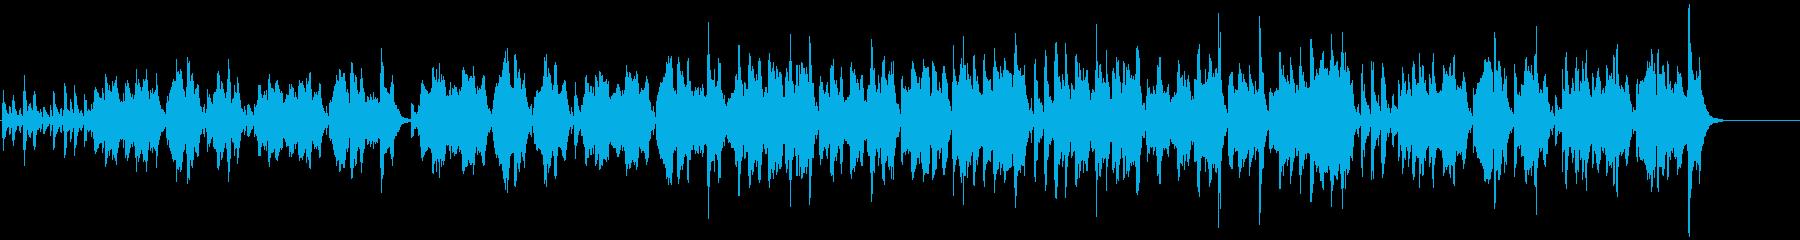 フルートを使ったのんびり日常系BGMの再生済みの波形